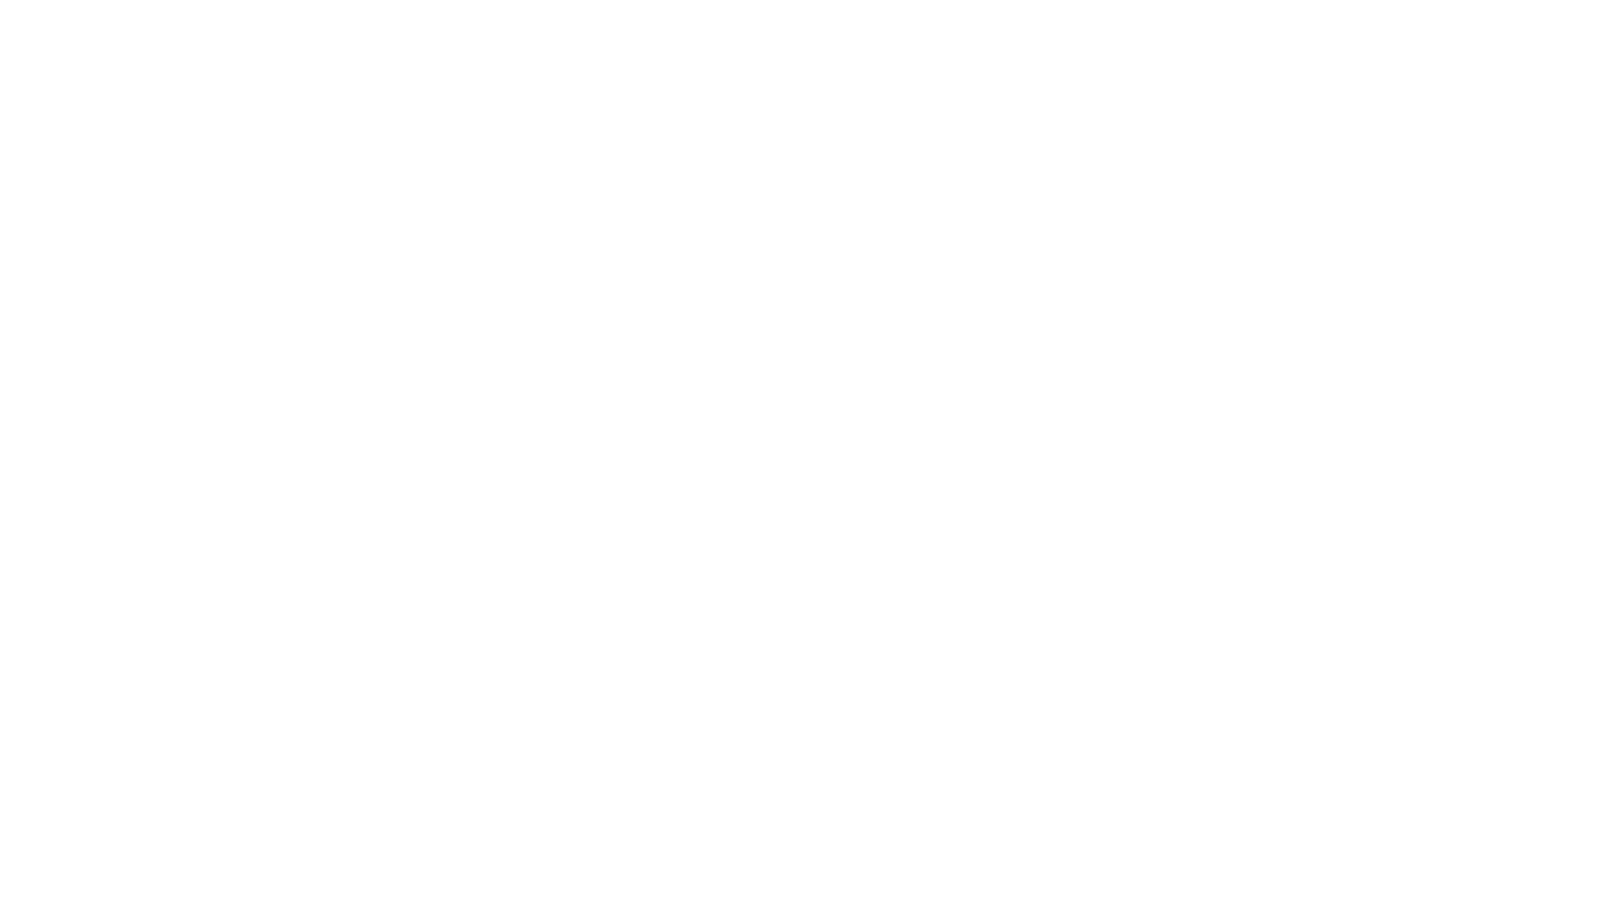 O que aconteceu quando as árvores frutíferas floresceram?  Muitos frutos e com eles, sucos deliciosos, e vocês não estavam lá para aproveitar!  Mais um episódio da WebSérie sobre como a escola está com saudades de todos vocês.  Escola Sempre-Viva: educação centrada na ciência, na cultura e na arte.  #escolasempreviva #carinho #amor #educaçãoinfantil #ensinofundamental #alegriaemaprender #alegria #felicidade #primeirainfância #infância #aprender #vidafeliz #criançafeliz #aprendizado #leitura